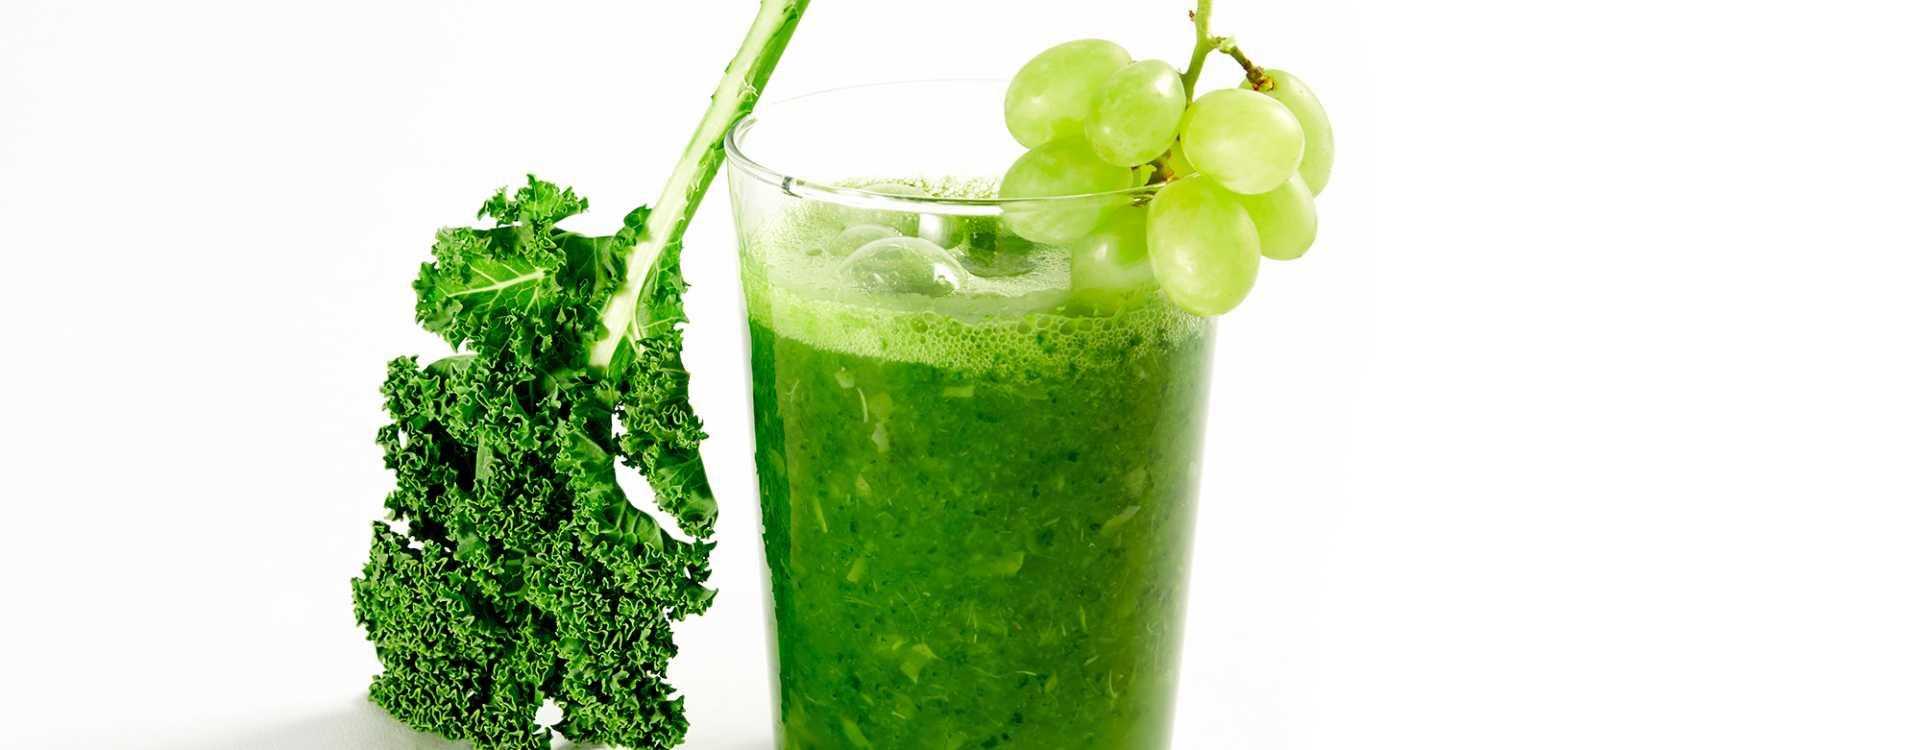 Drikke med grønnkål, eple, grønne druer og lime